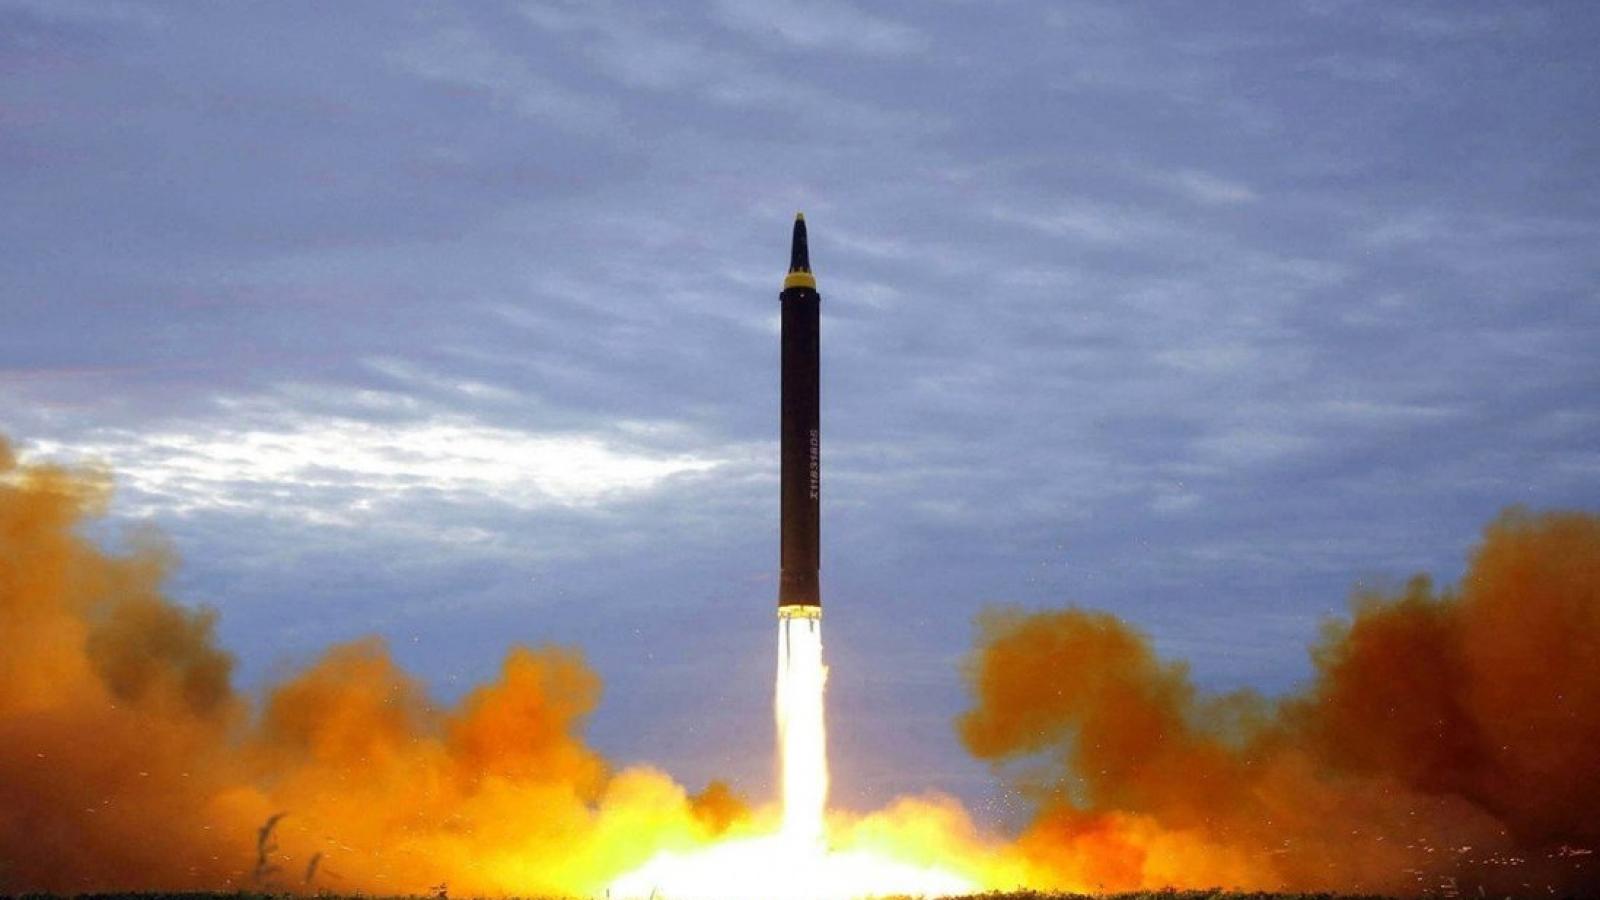 Châu Á có nguy cơ rơi vào cuộc chạy đua vũ trang nguy hiểm giữa vòng xoáy đối đầu Mỹ-Trung